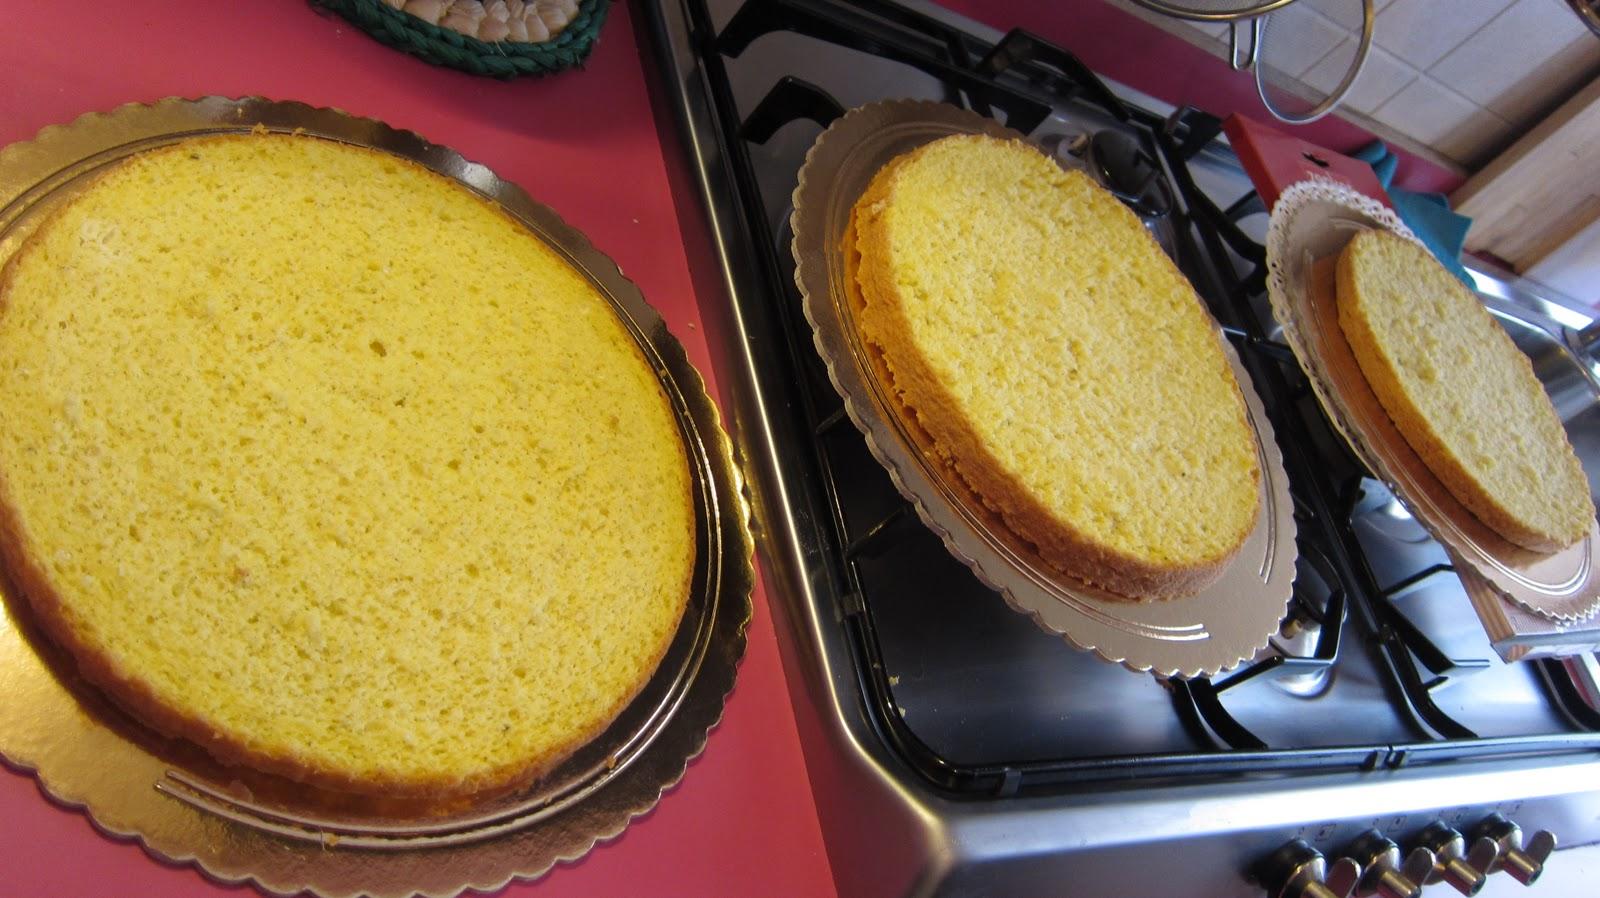 Sweet home cake pan di spagna - Glassa a specchio su pan di spagna ...